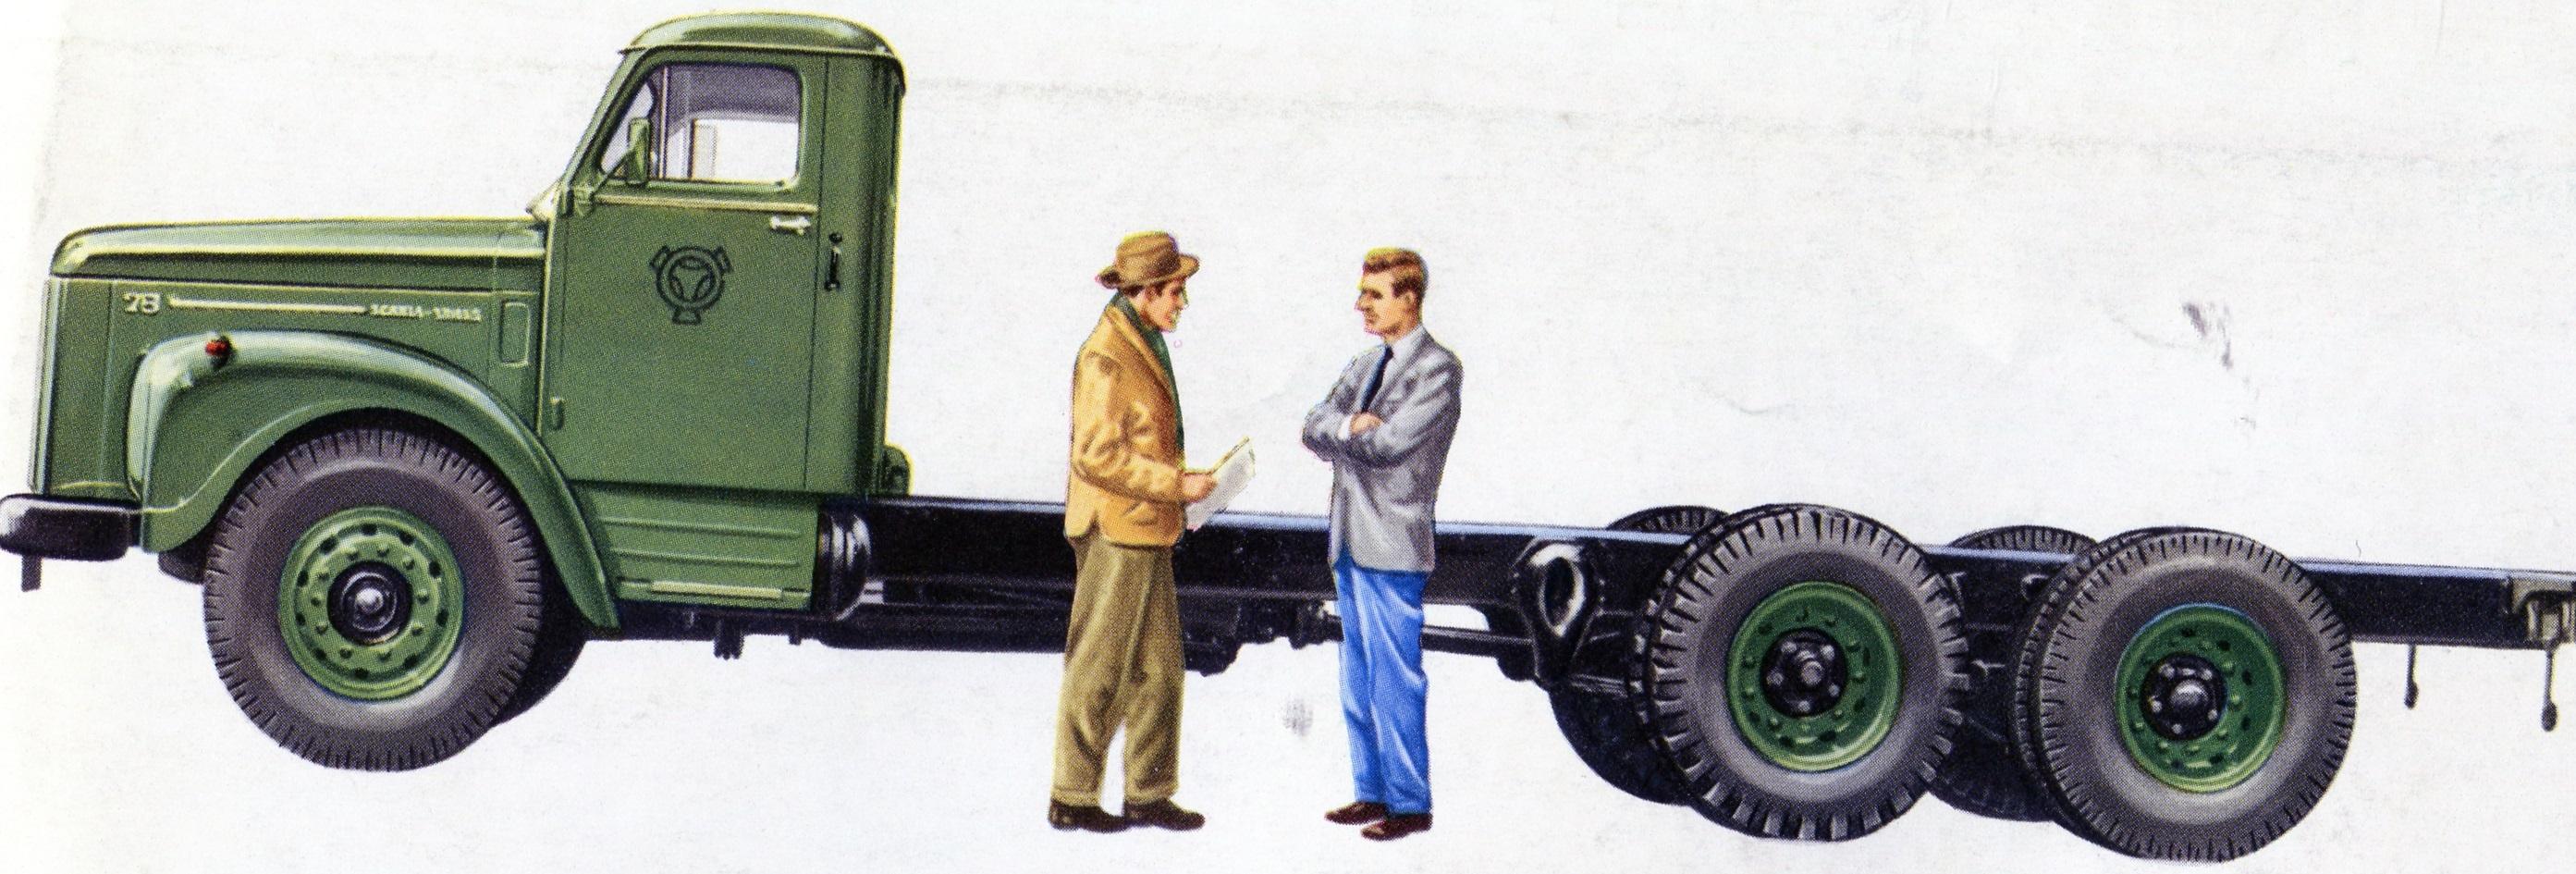 Type-55-75-13